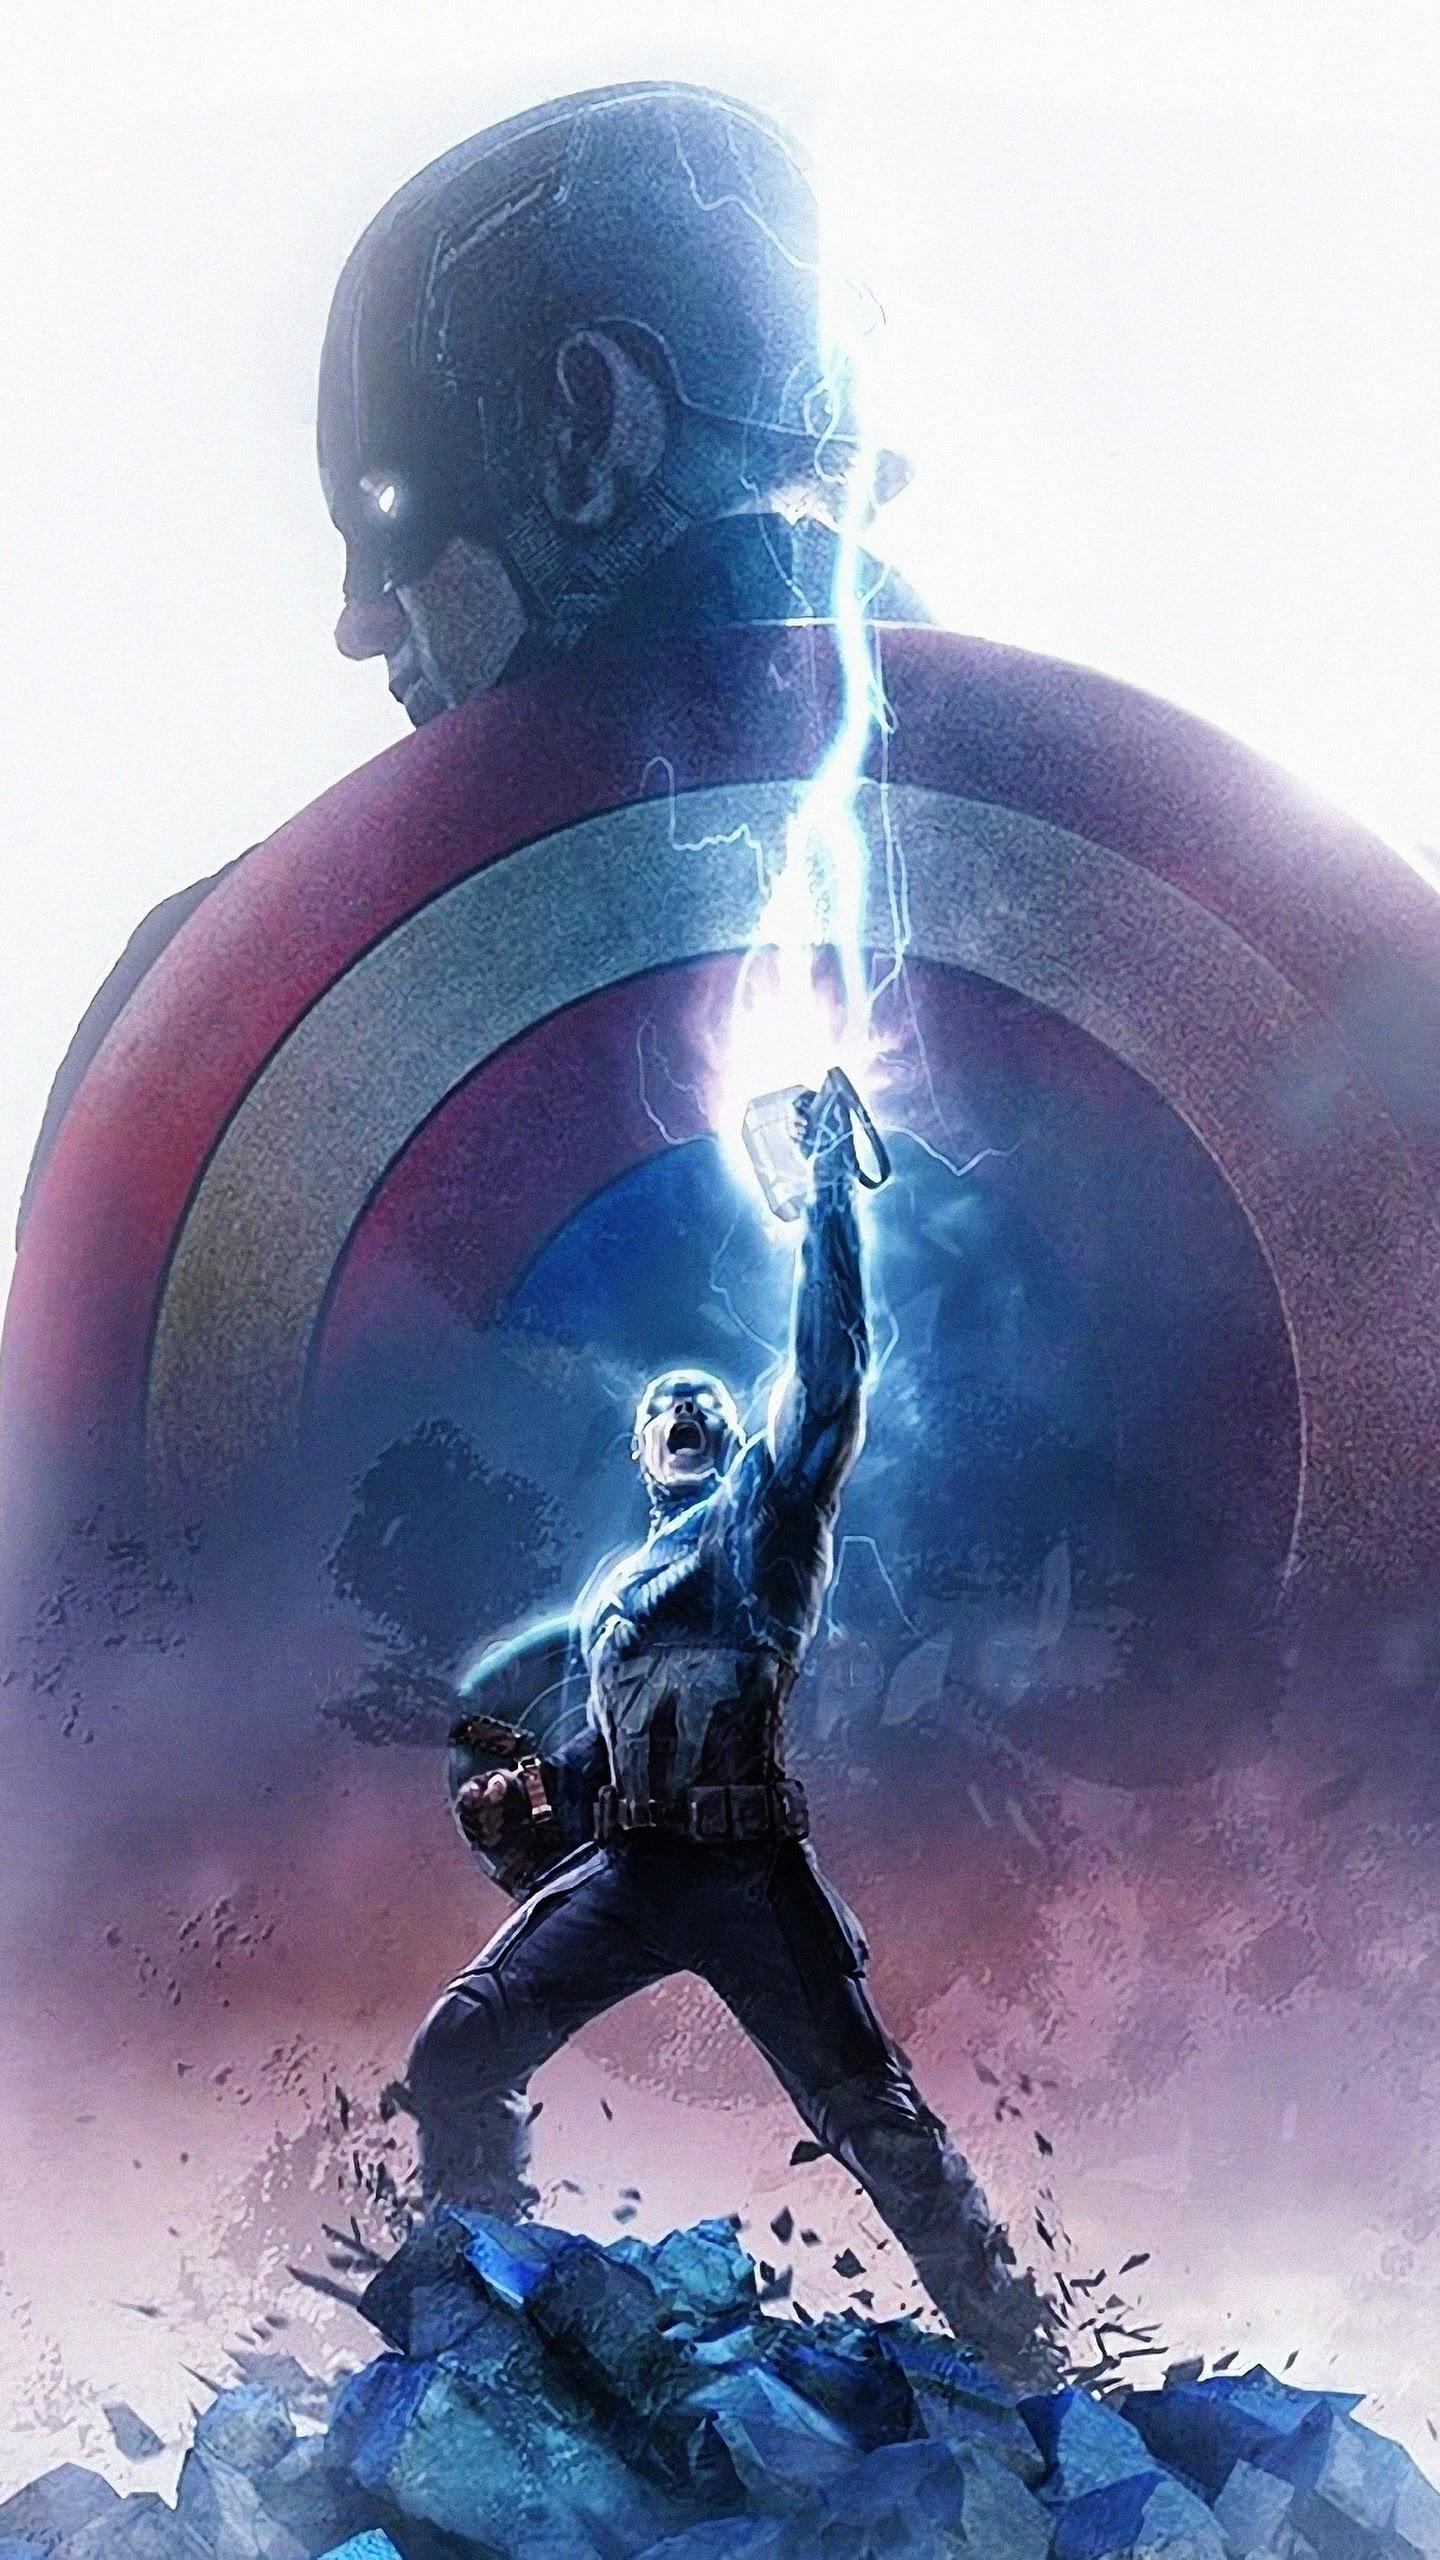 Avengers Endgame Captain America Thor Hammer Lightning - Captain America Wallpaper 4k , HD Wallpaper & Backgrounds